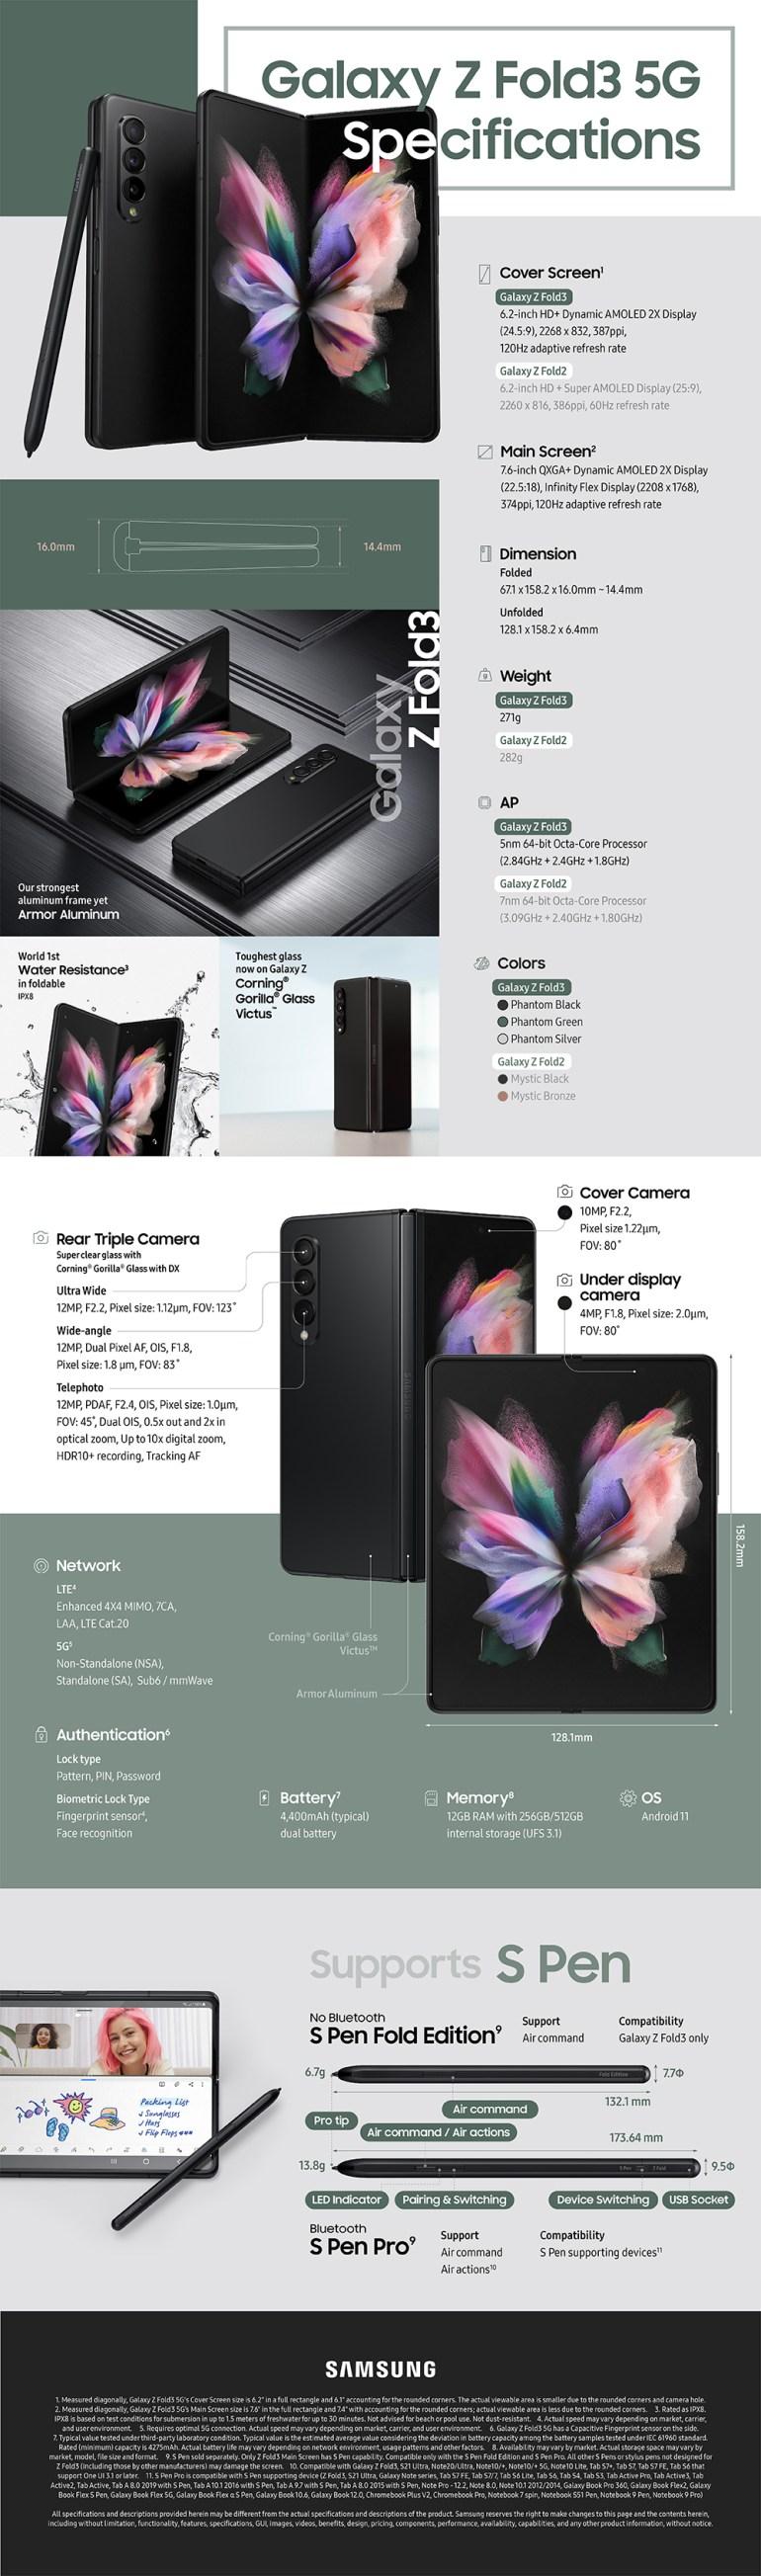 Samsung повідомила гривневі ціни на нові Galaxy Z — від 54 999 грн за Galaxy Z Fold3 та від 30 999 грн за Galaxy Z Flip3